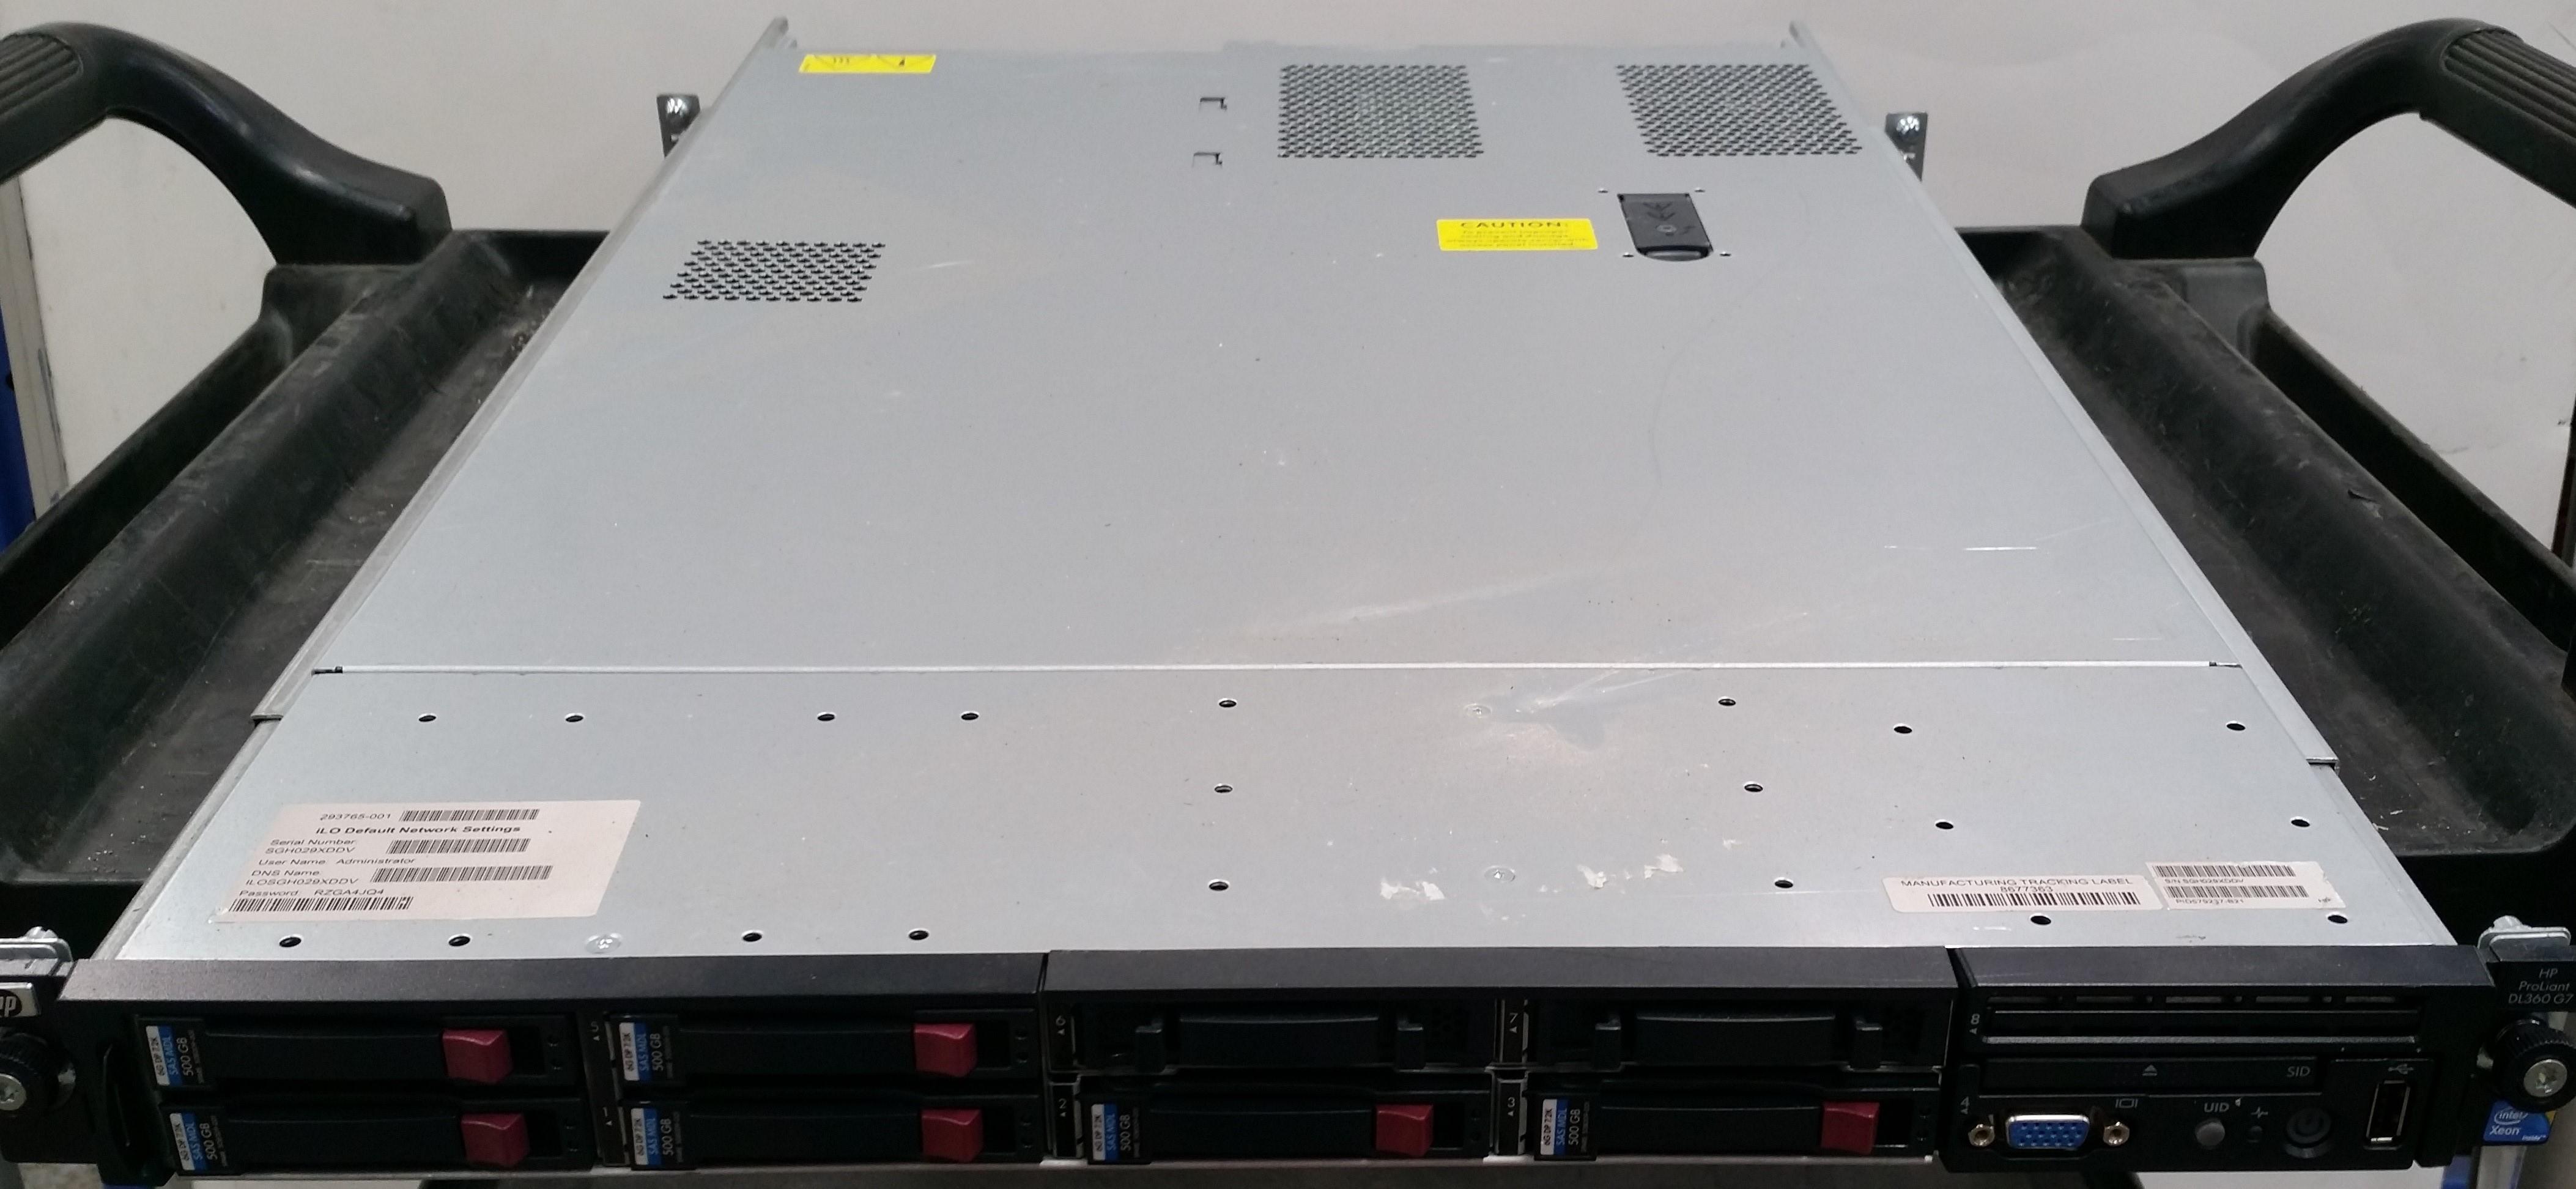 HP ProLiant DL360 G7 Dual Xeon (L5640) 2 27GHz 1 RU Server